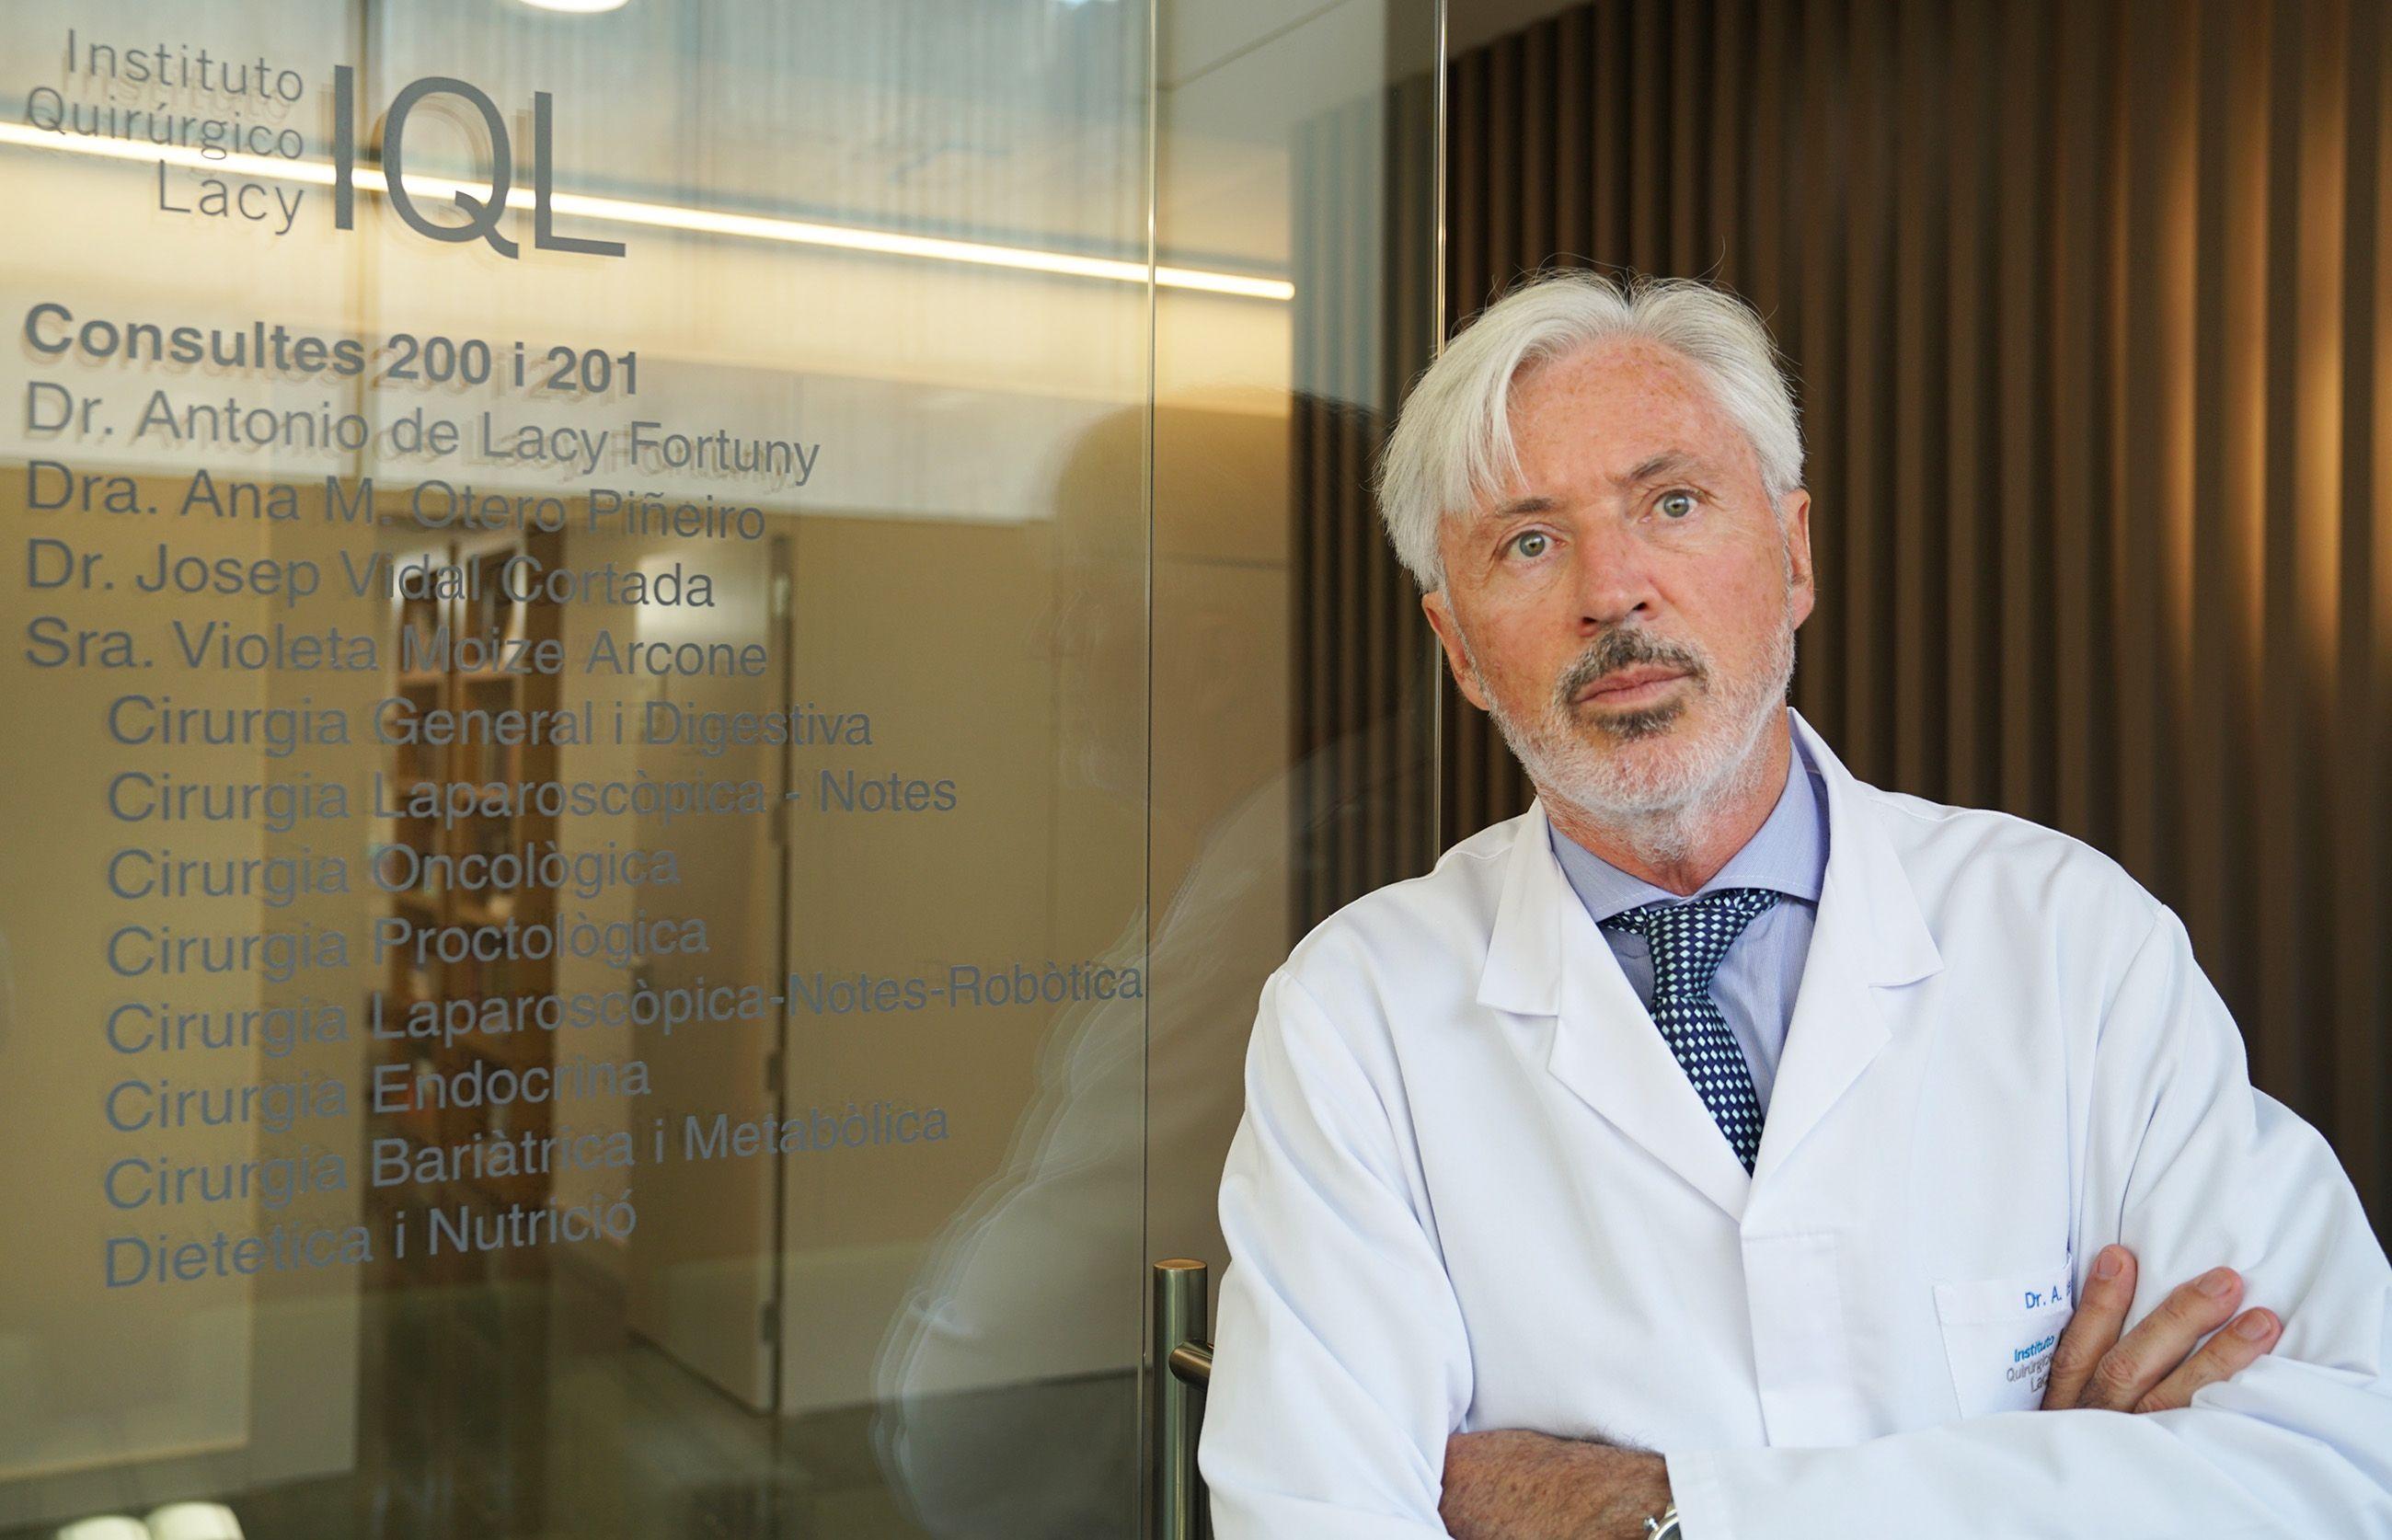 Foto de Dr. Antonio de Lacy